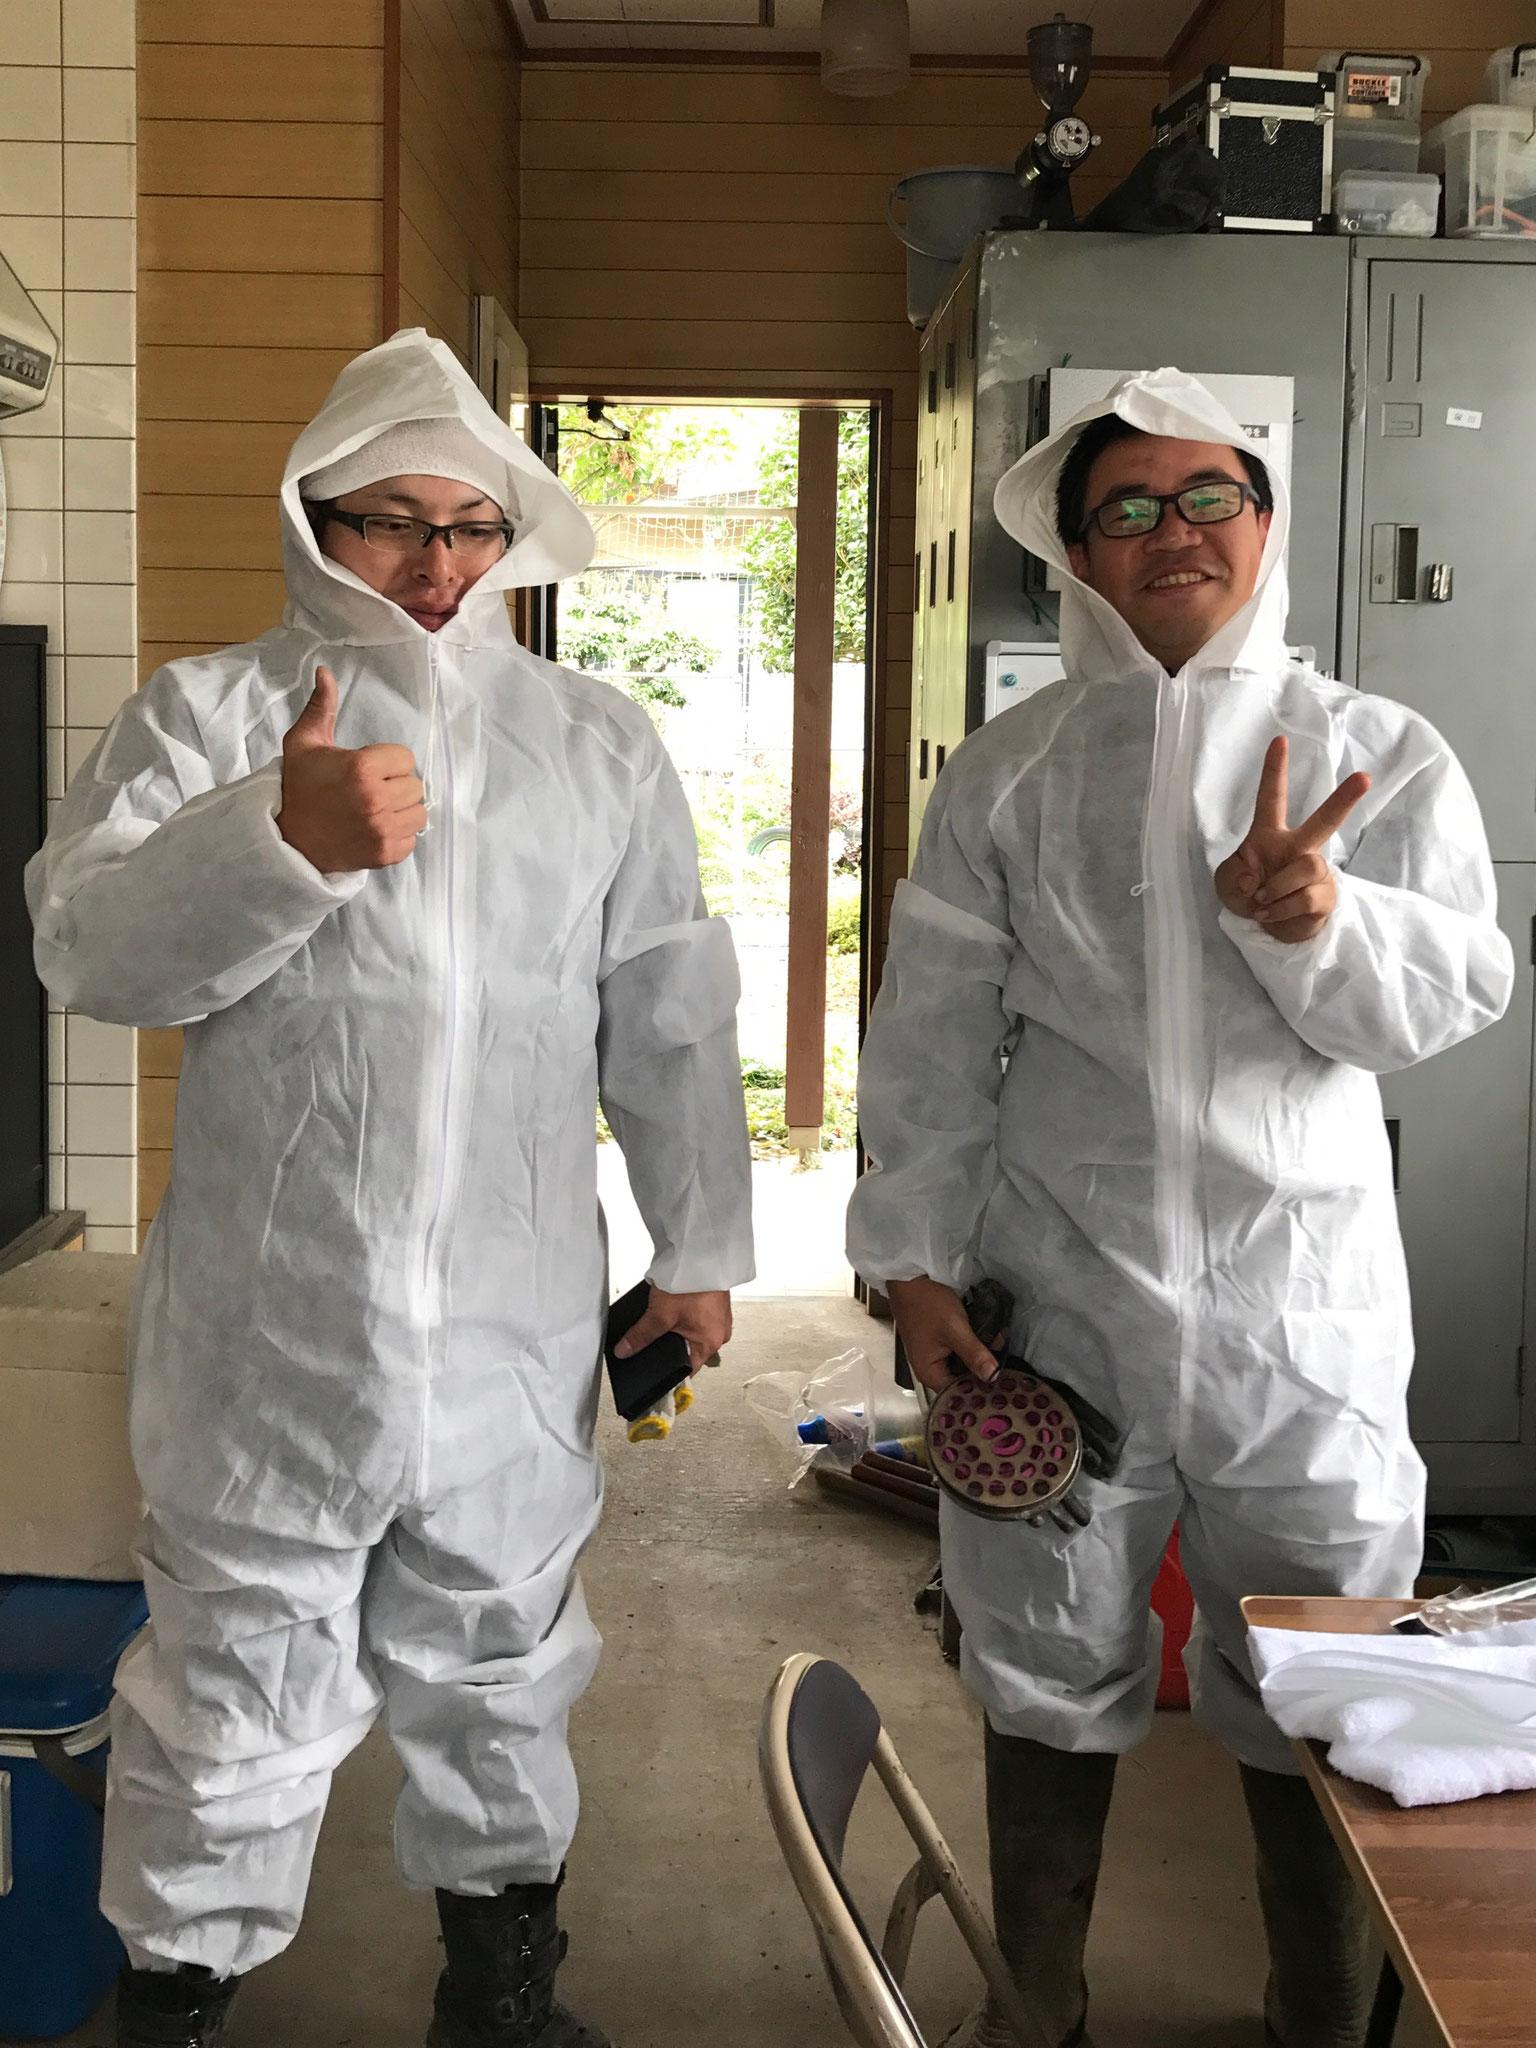 スズメバチ対策をして水道漏水修繕   (ガンバリマス!)